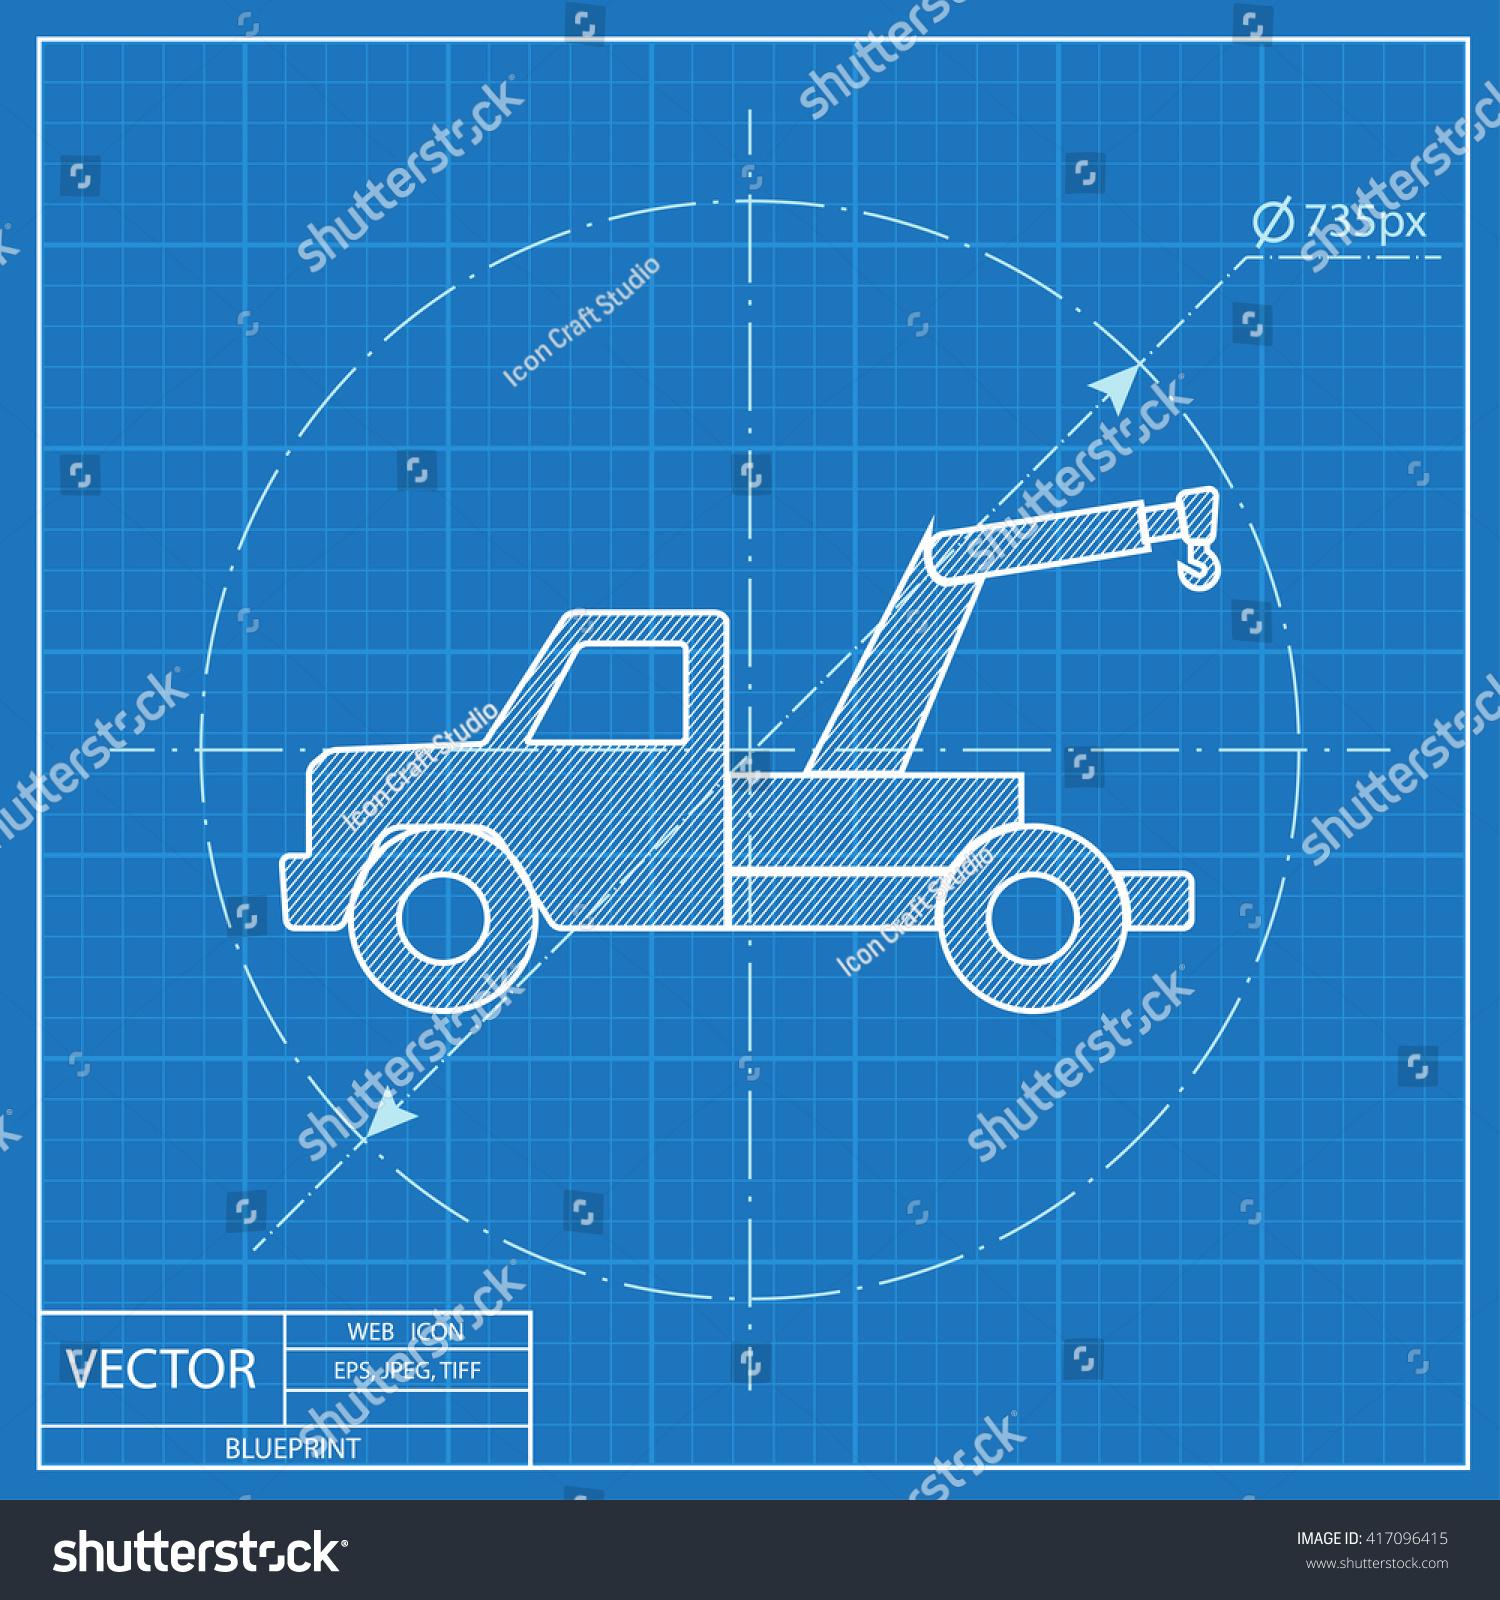 Blueprint icon tow car vectores en stock 417096415 shutterstock blueprint icon of tow car malvernweather Images